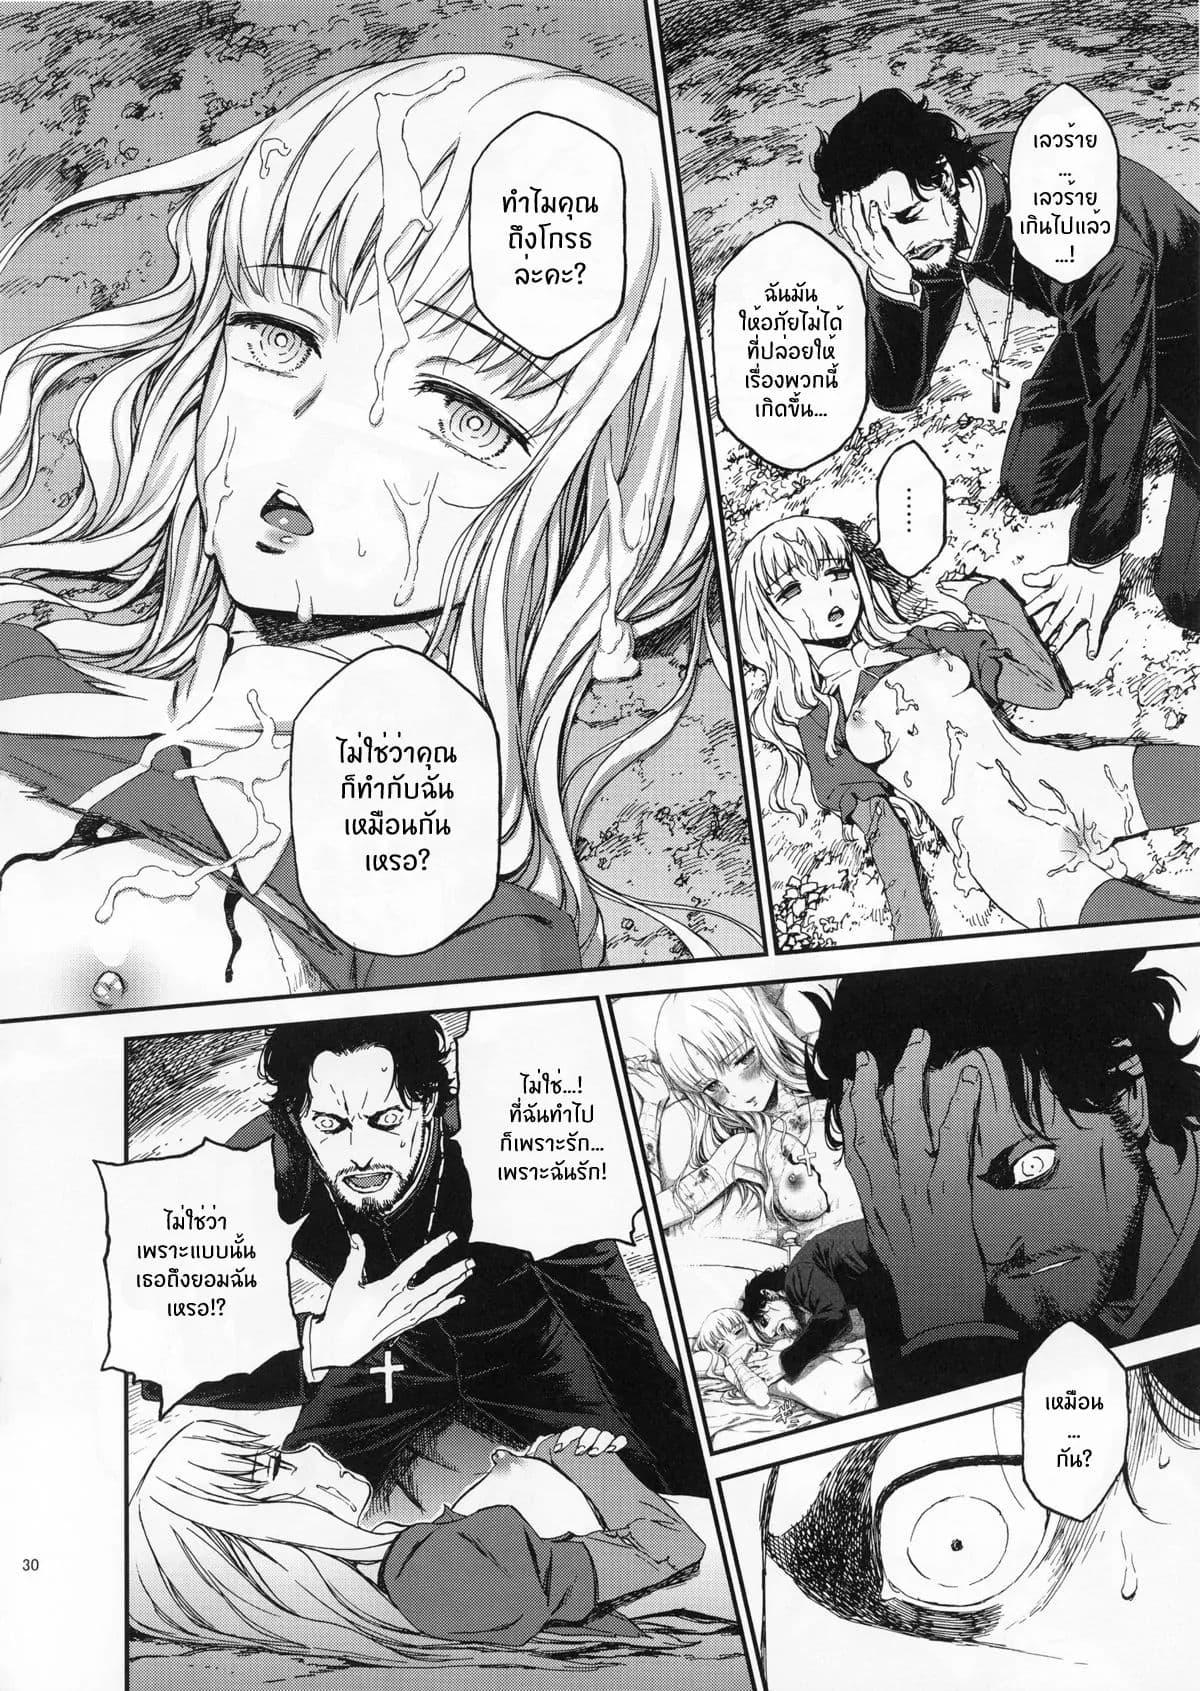 อ่านการ์ตูน (C83) [Ikujinashi no Fetishist] Eros&Agape (Fate hollow ataraxia) ภาพที่ 29